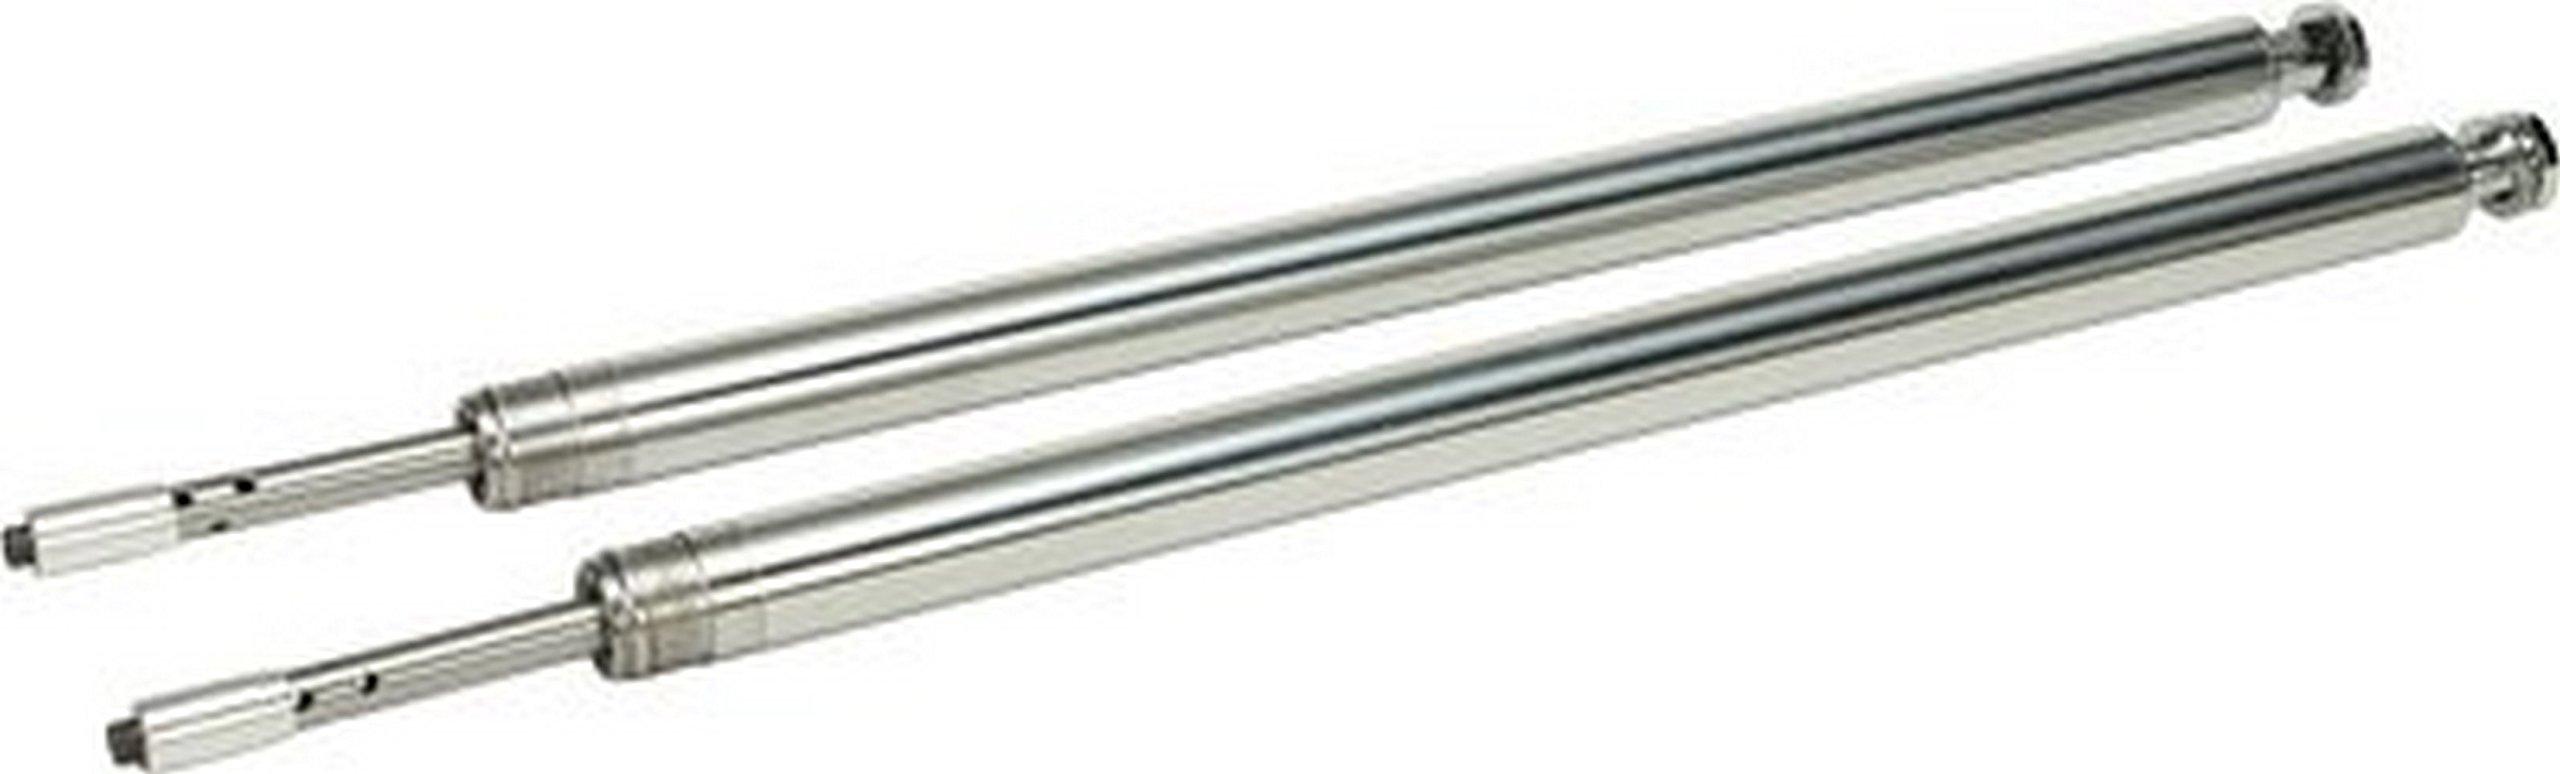 HardDrive 94214 41 mm Fork Tube Assemblies 2'' Over